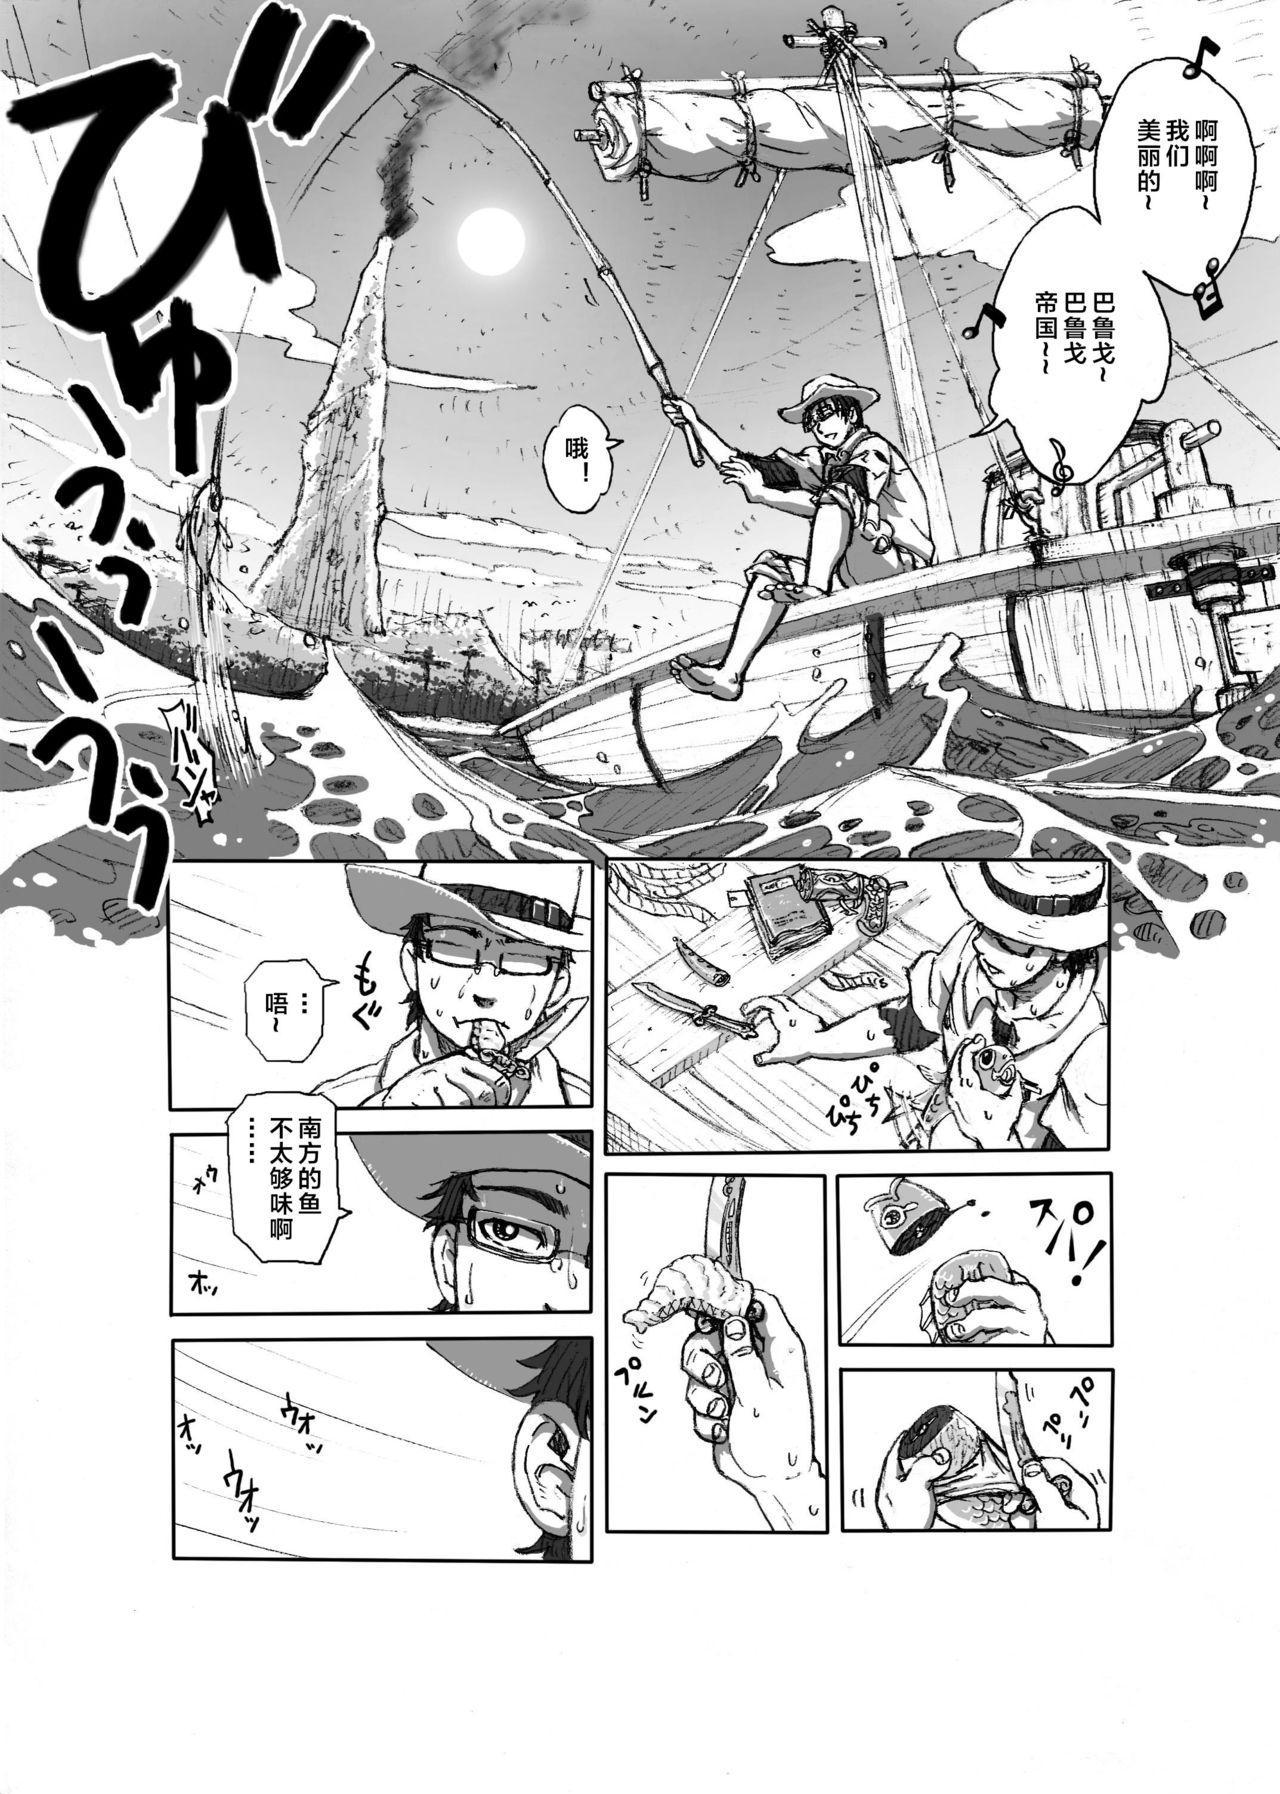 Hepoe no Kuni kara 1 - Mizu no Gakusha Sensei, Hi no Buzoku no Saru ni Hazukashimerareru no Maki 1